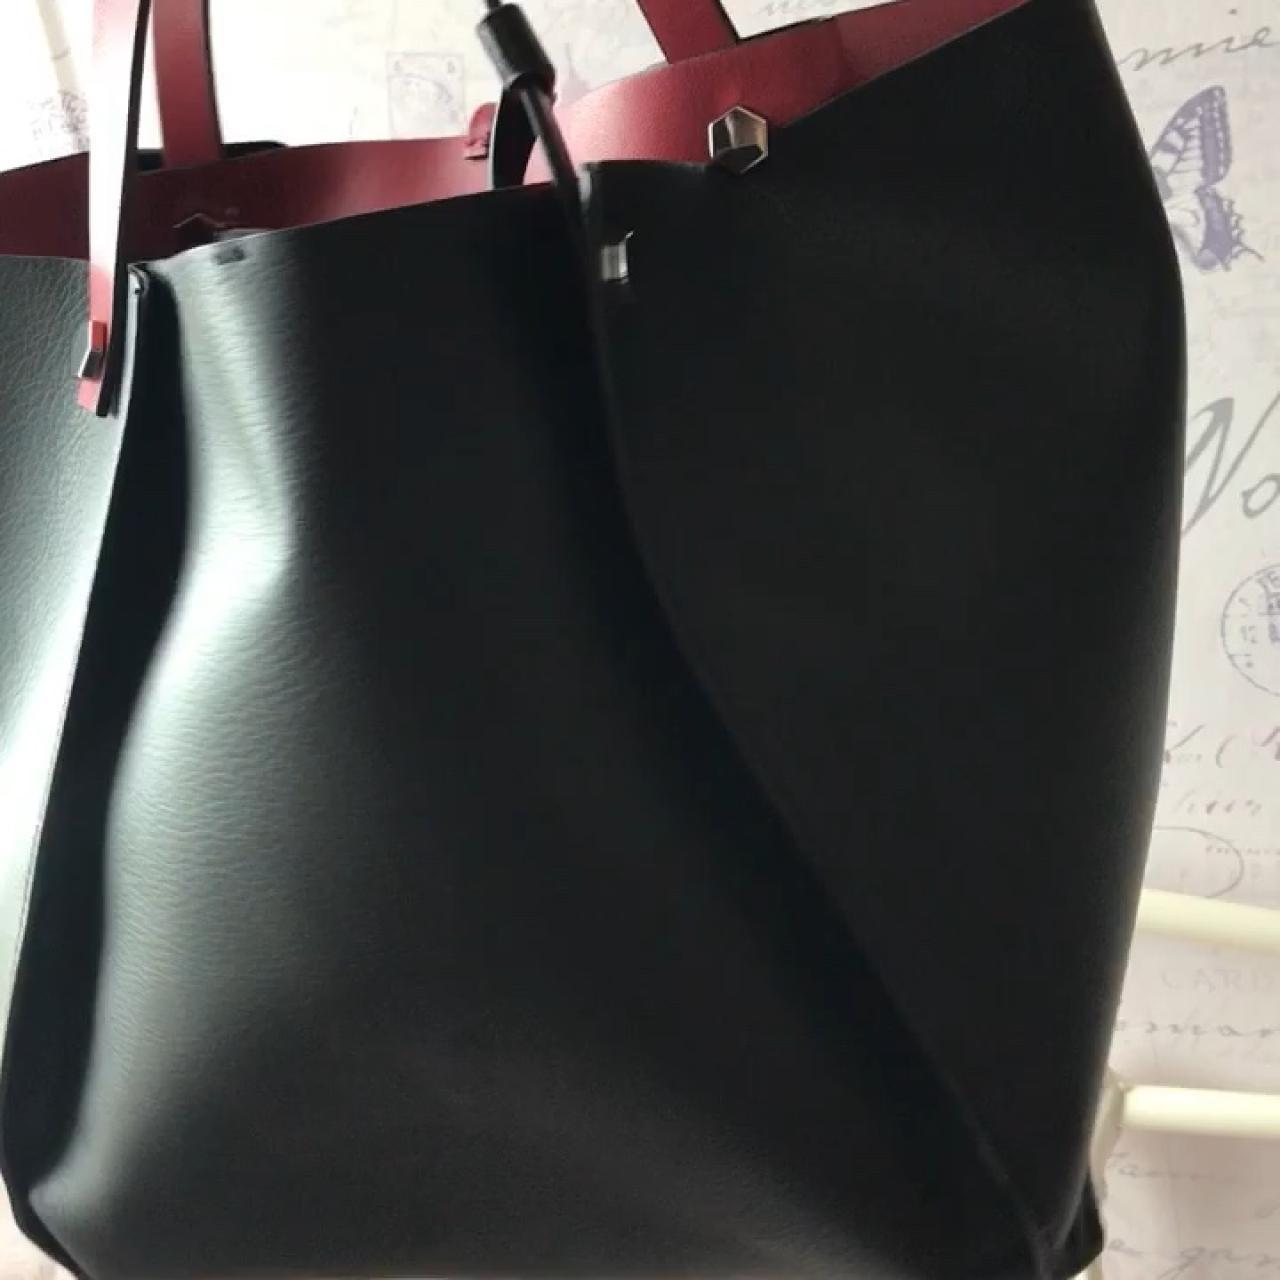 7a48f3aa36b @charlotteg17. 10 months ago. Colwyn Bay, United Kingdom. Zara medium sized  Reversible tote bag.